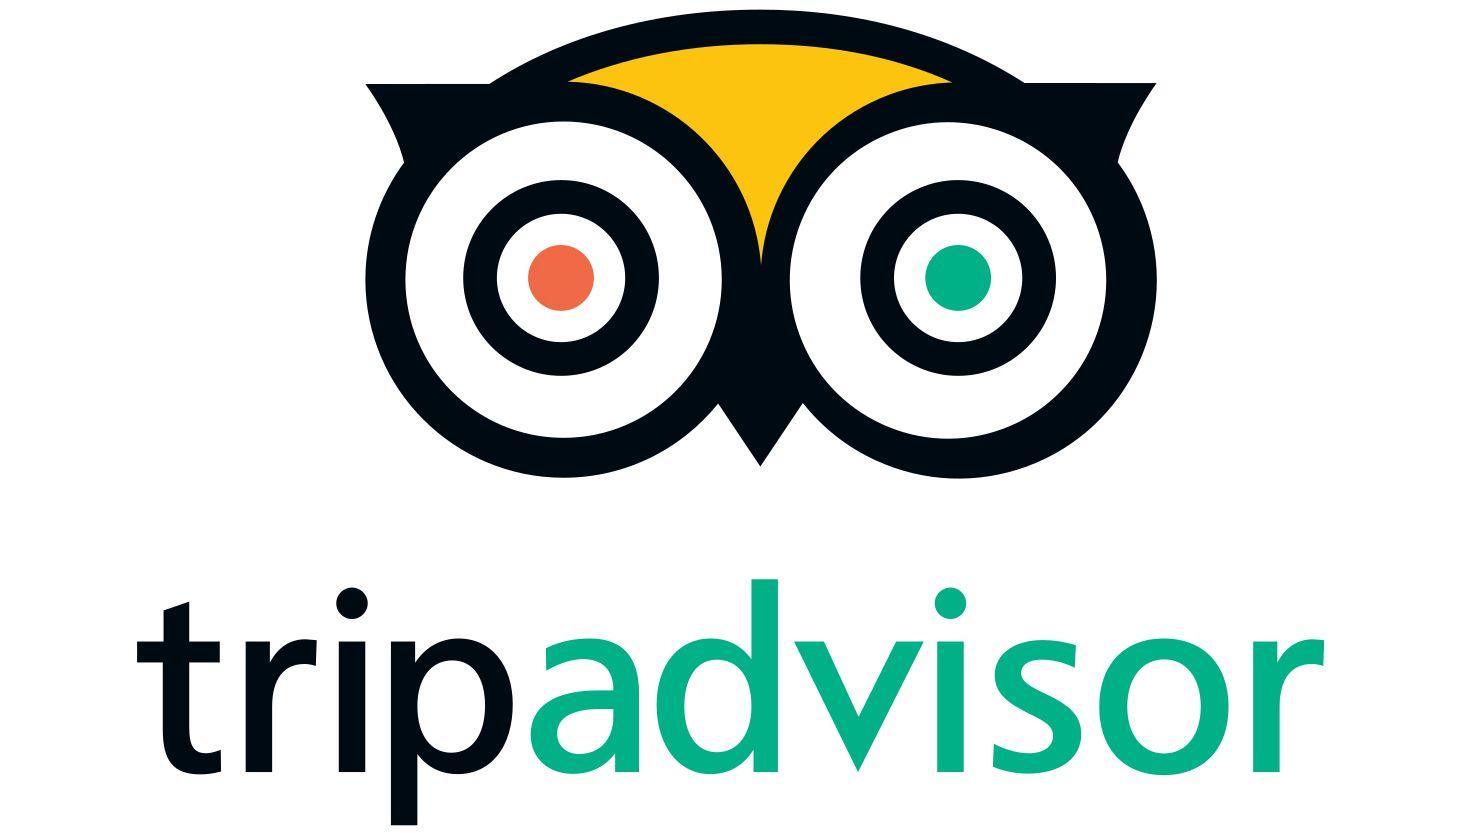 Mediaagenturen: Havas gewinnt globalen TripAdvisor-Etat